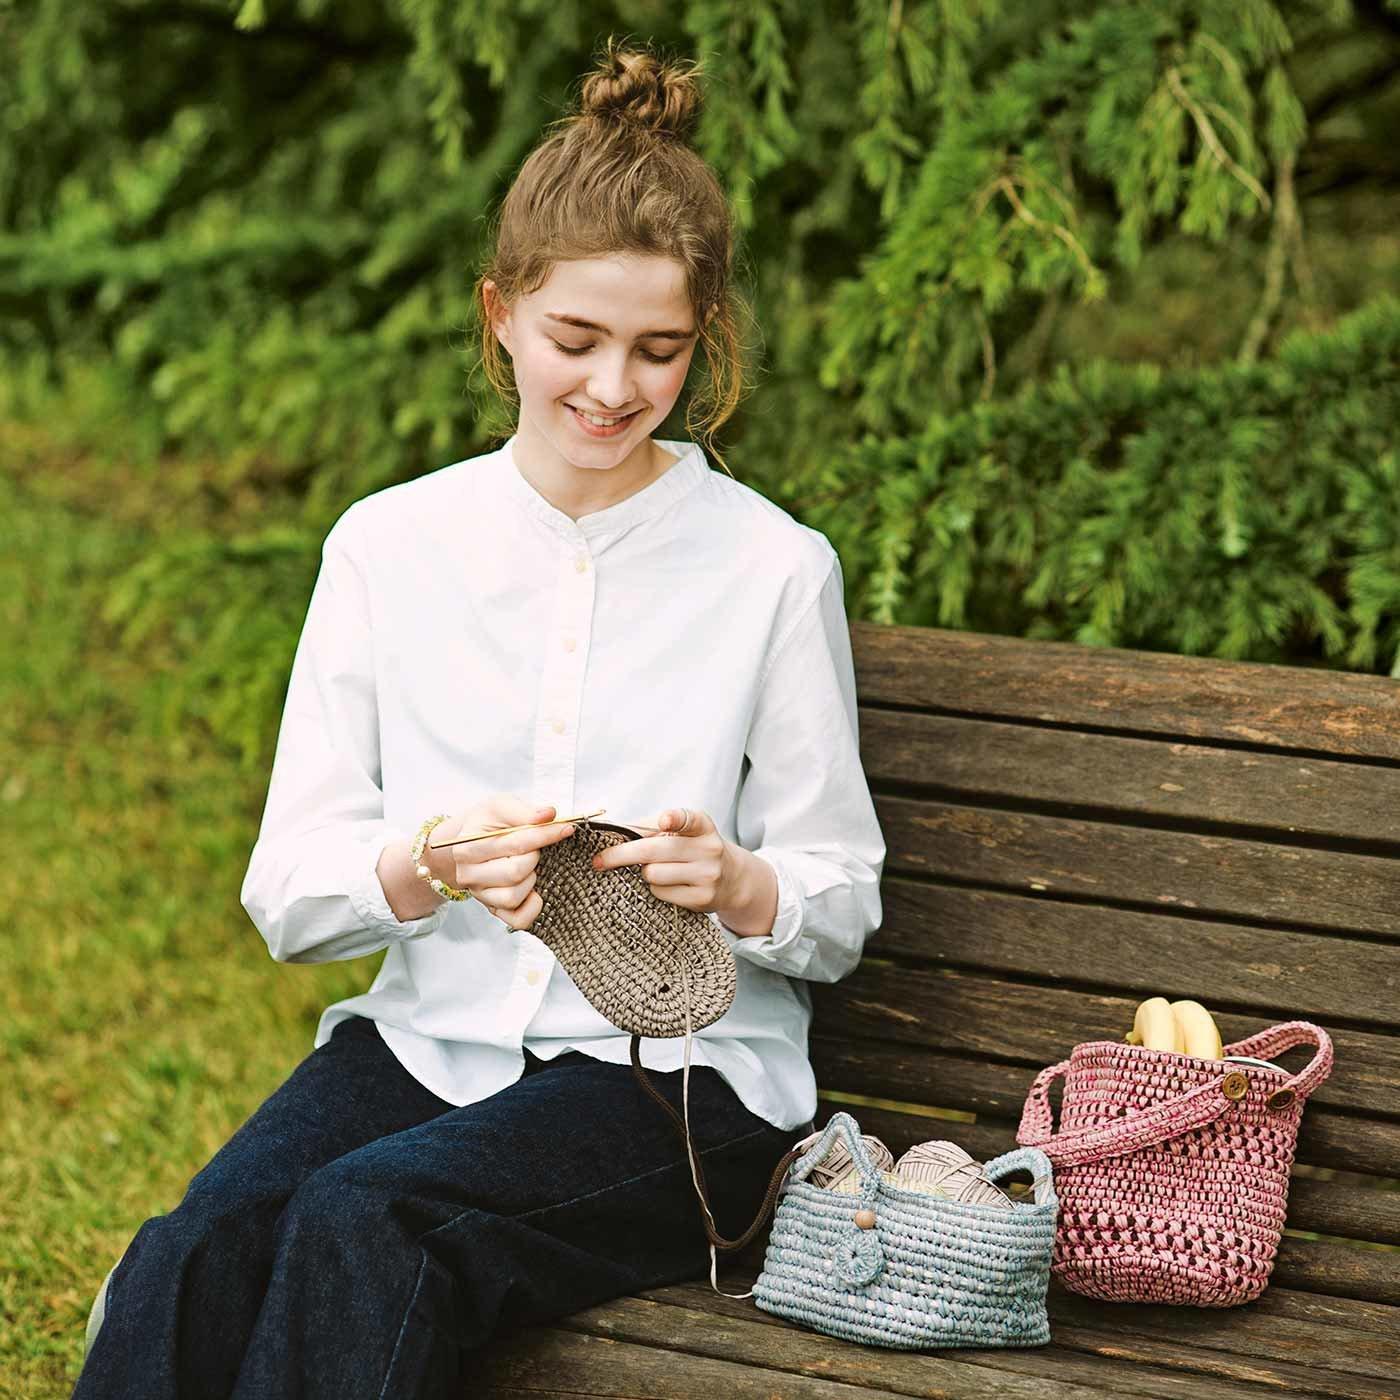 【クチュリエクラブ会員限定】コードを編みくるめば軽くてしっかり! かぎ針かごバッグの会